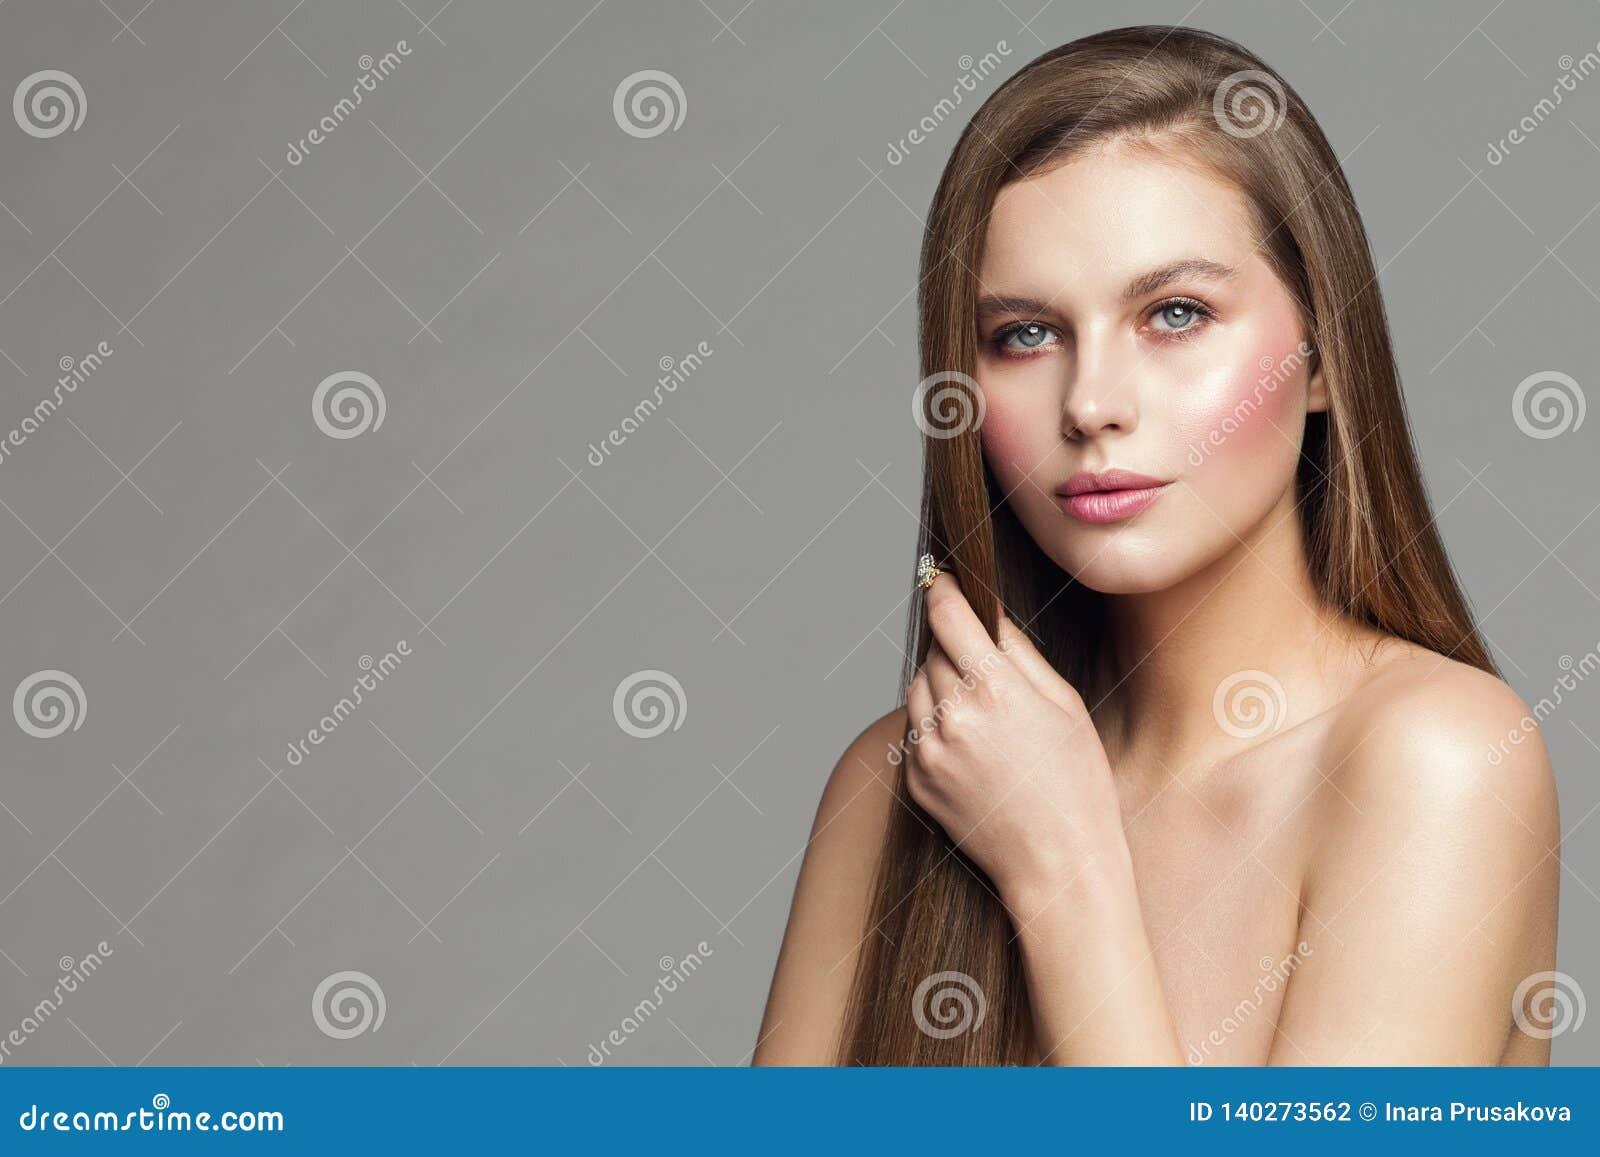 Πορτρέτο ομορφιάς γυναικών, μόδα πρότυπο Makeup και τρίχα, όμορφες φροντίδα δέρματος κοριτσιών και επεξεργασία